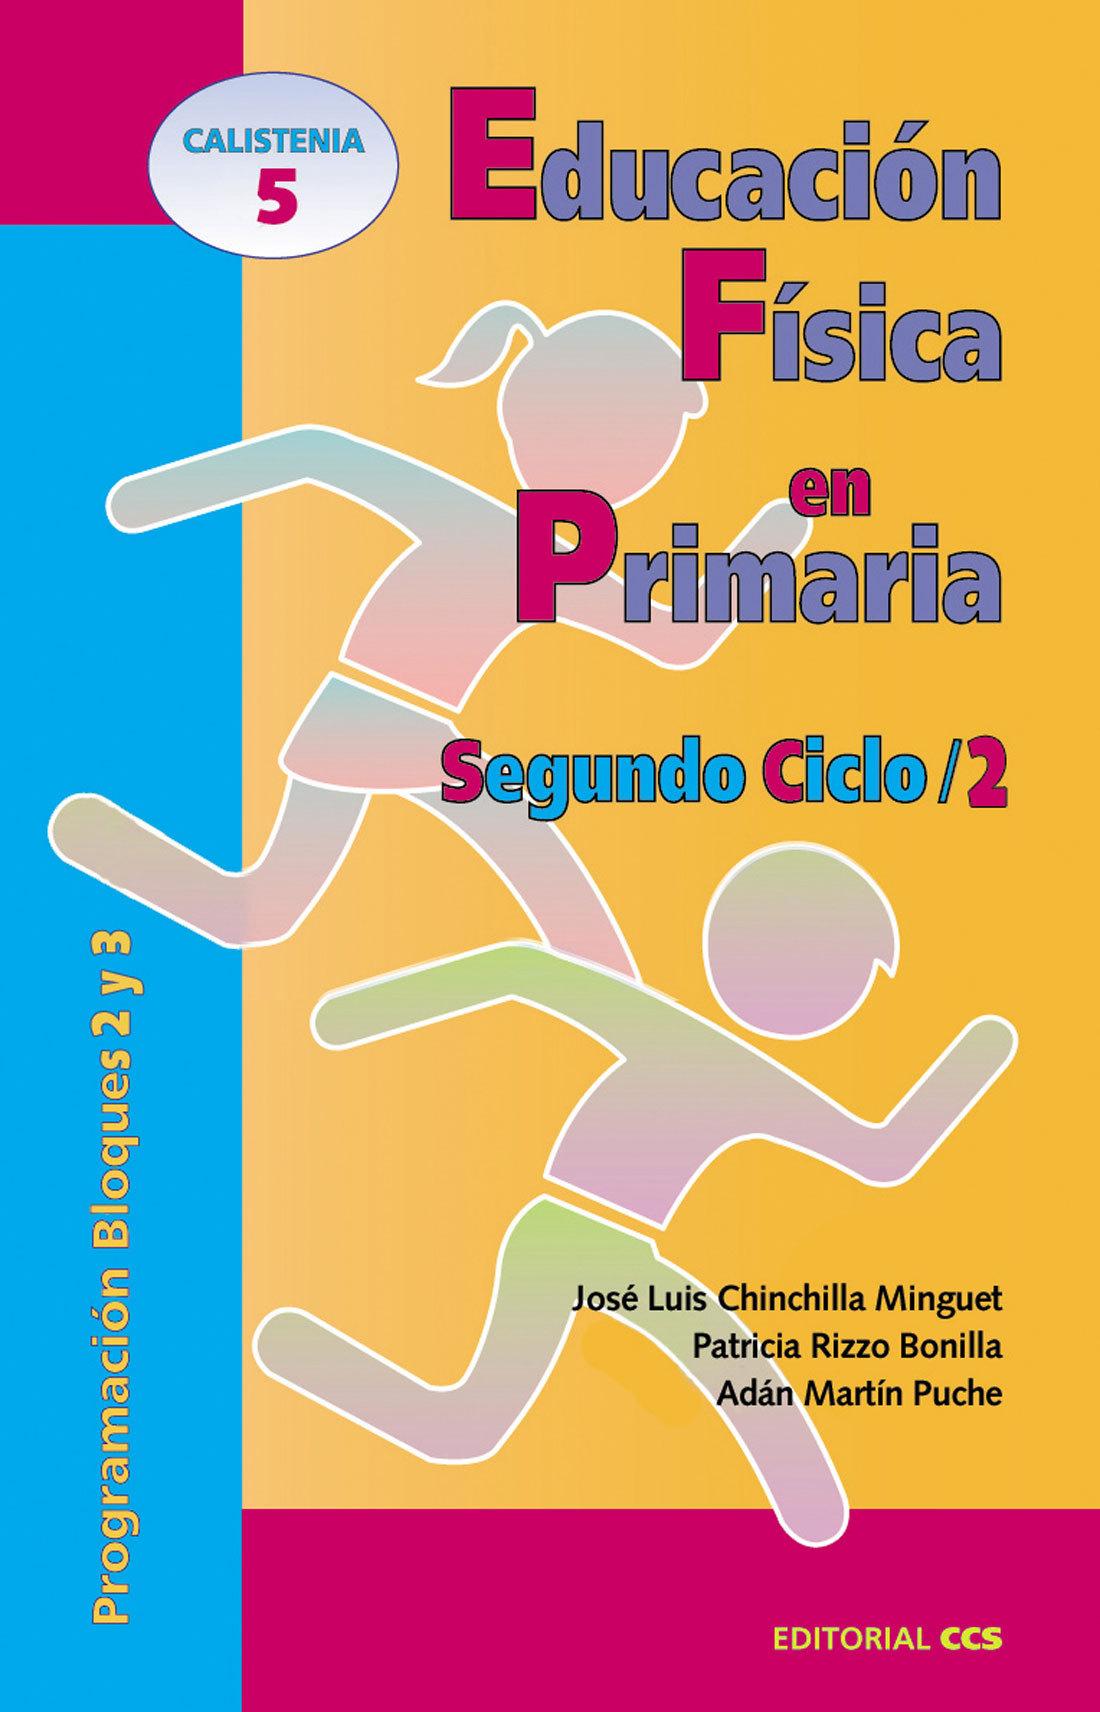 CALISTENIA 5 EDUCACION FISICA EN PRIMARIA SEGUNDO CICLO/2